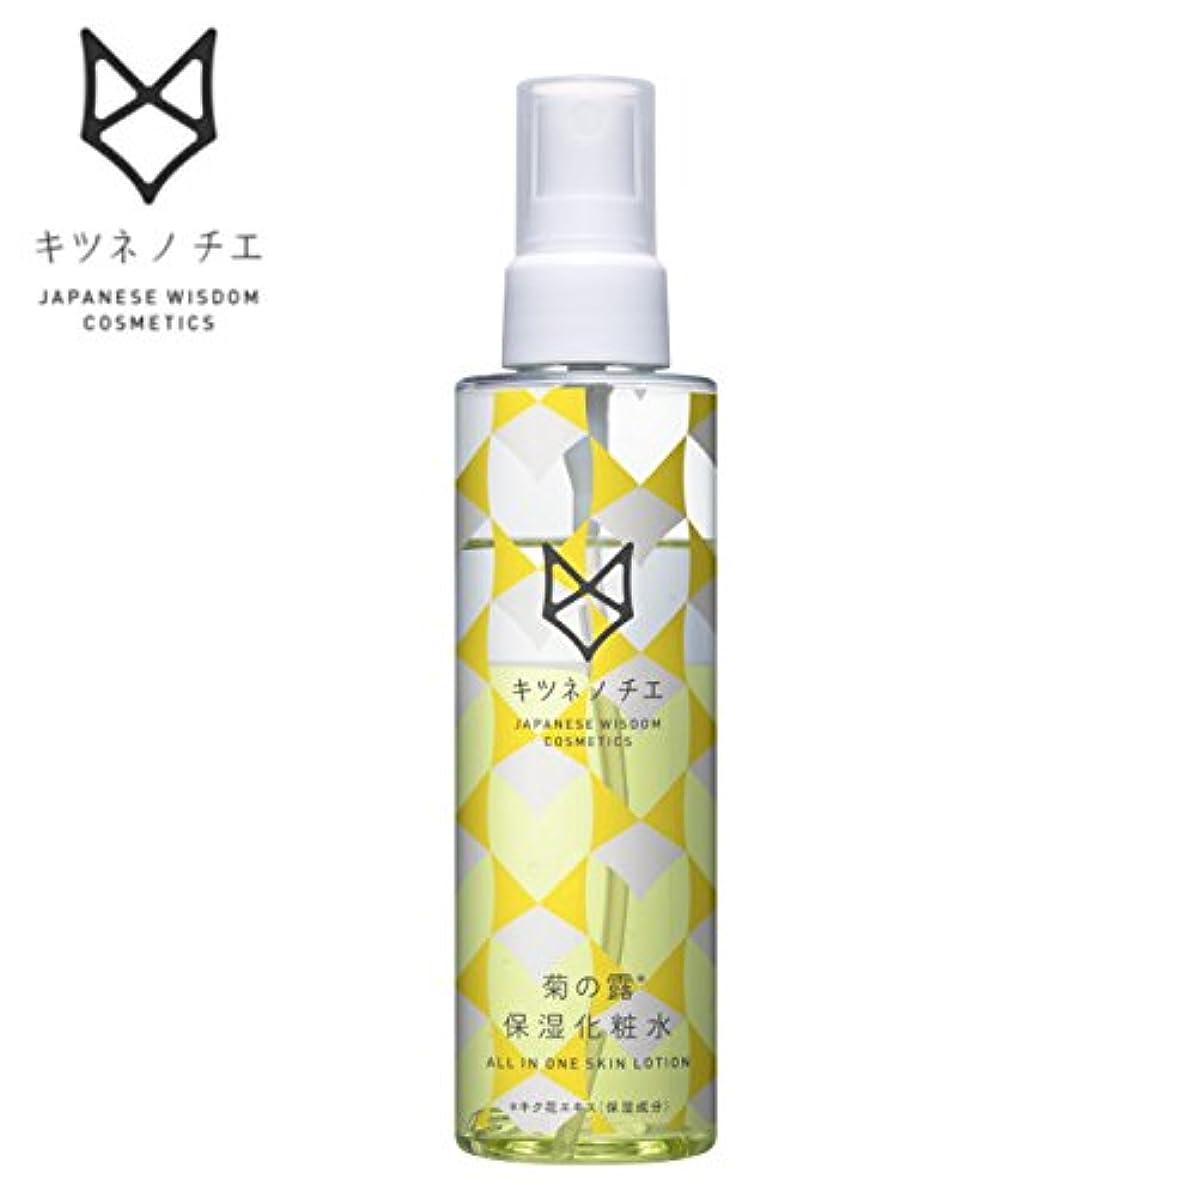 ヒギンズ誘う永遠にキツネノチエ 菊の露 保湿化粧水